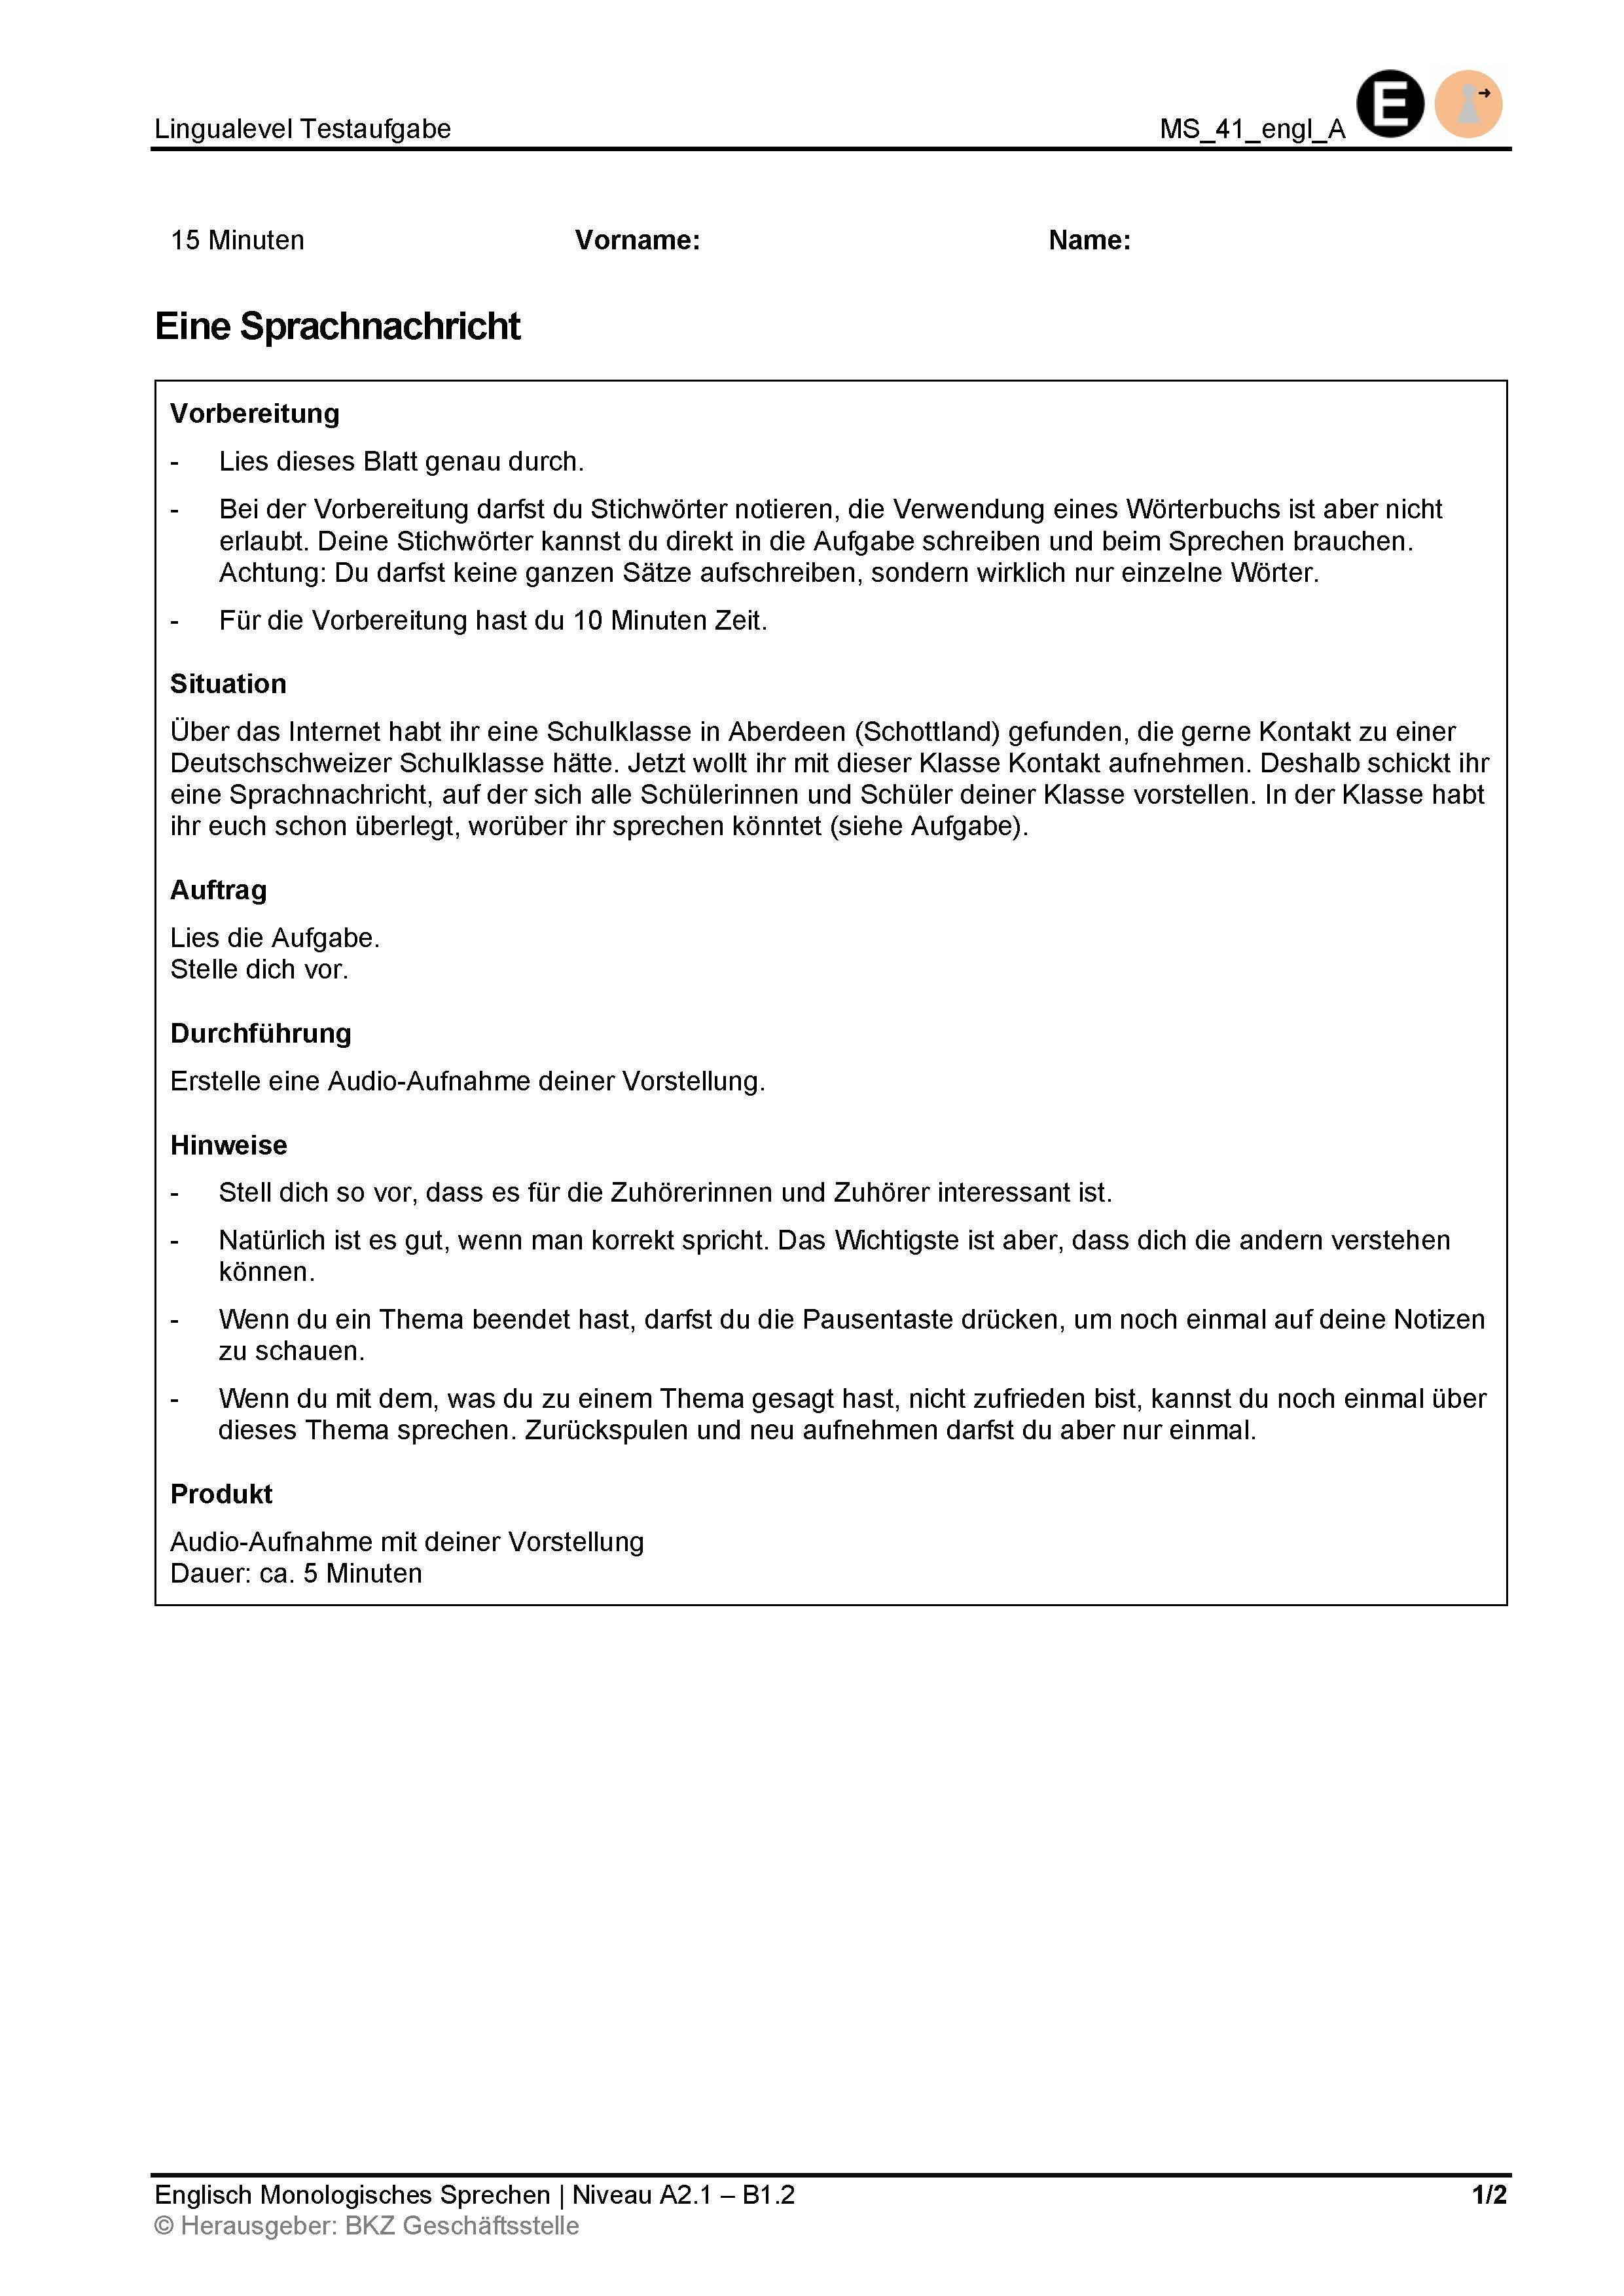 Preview image for LOM object Monologisches Sprechen: Eine Sprachnachricht